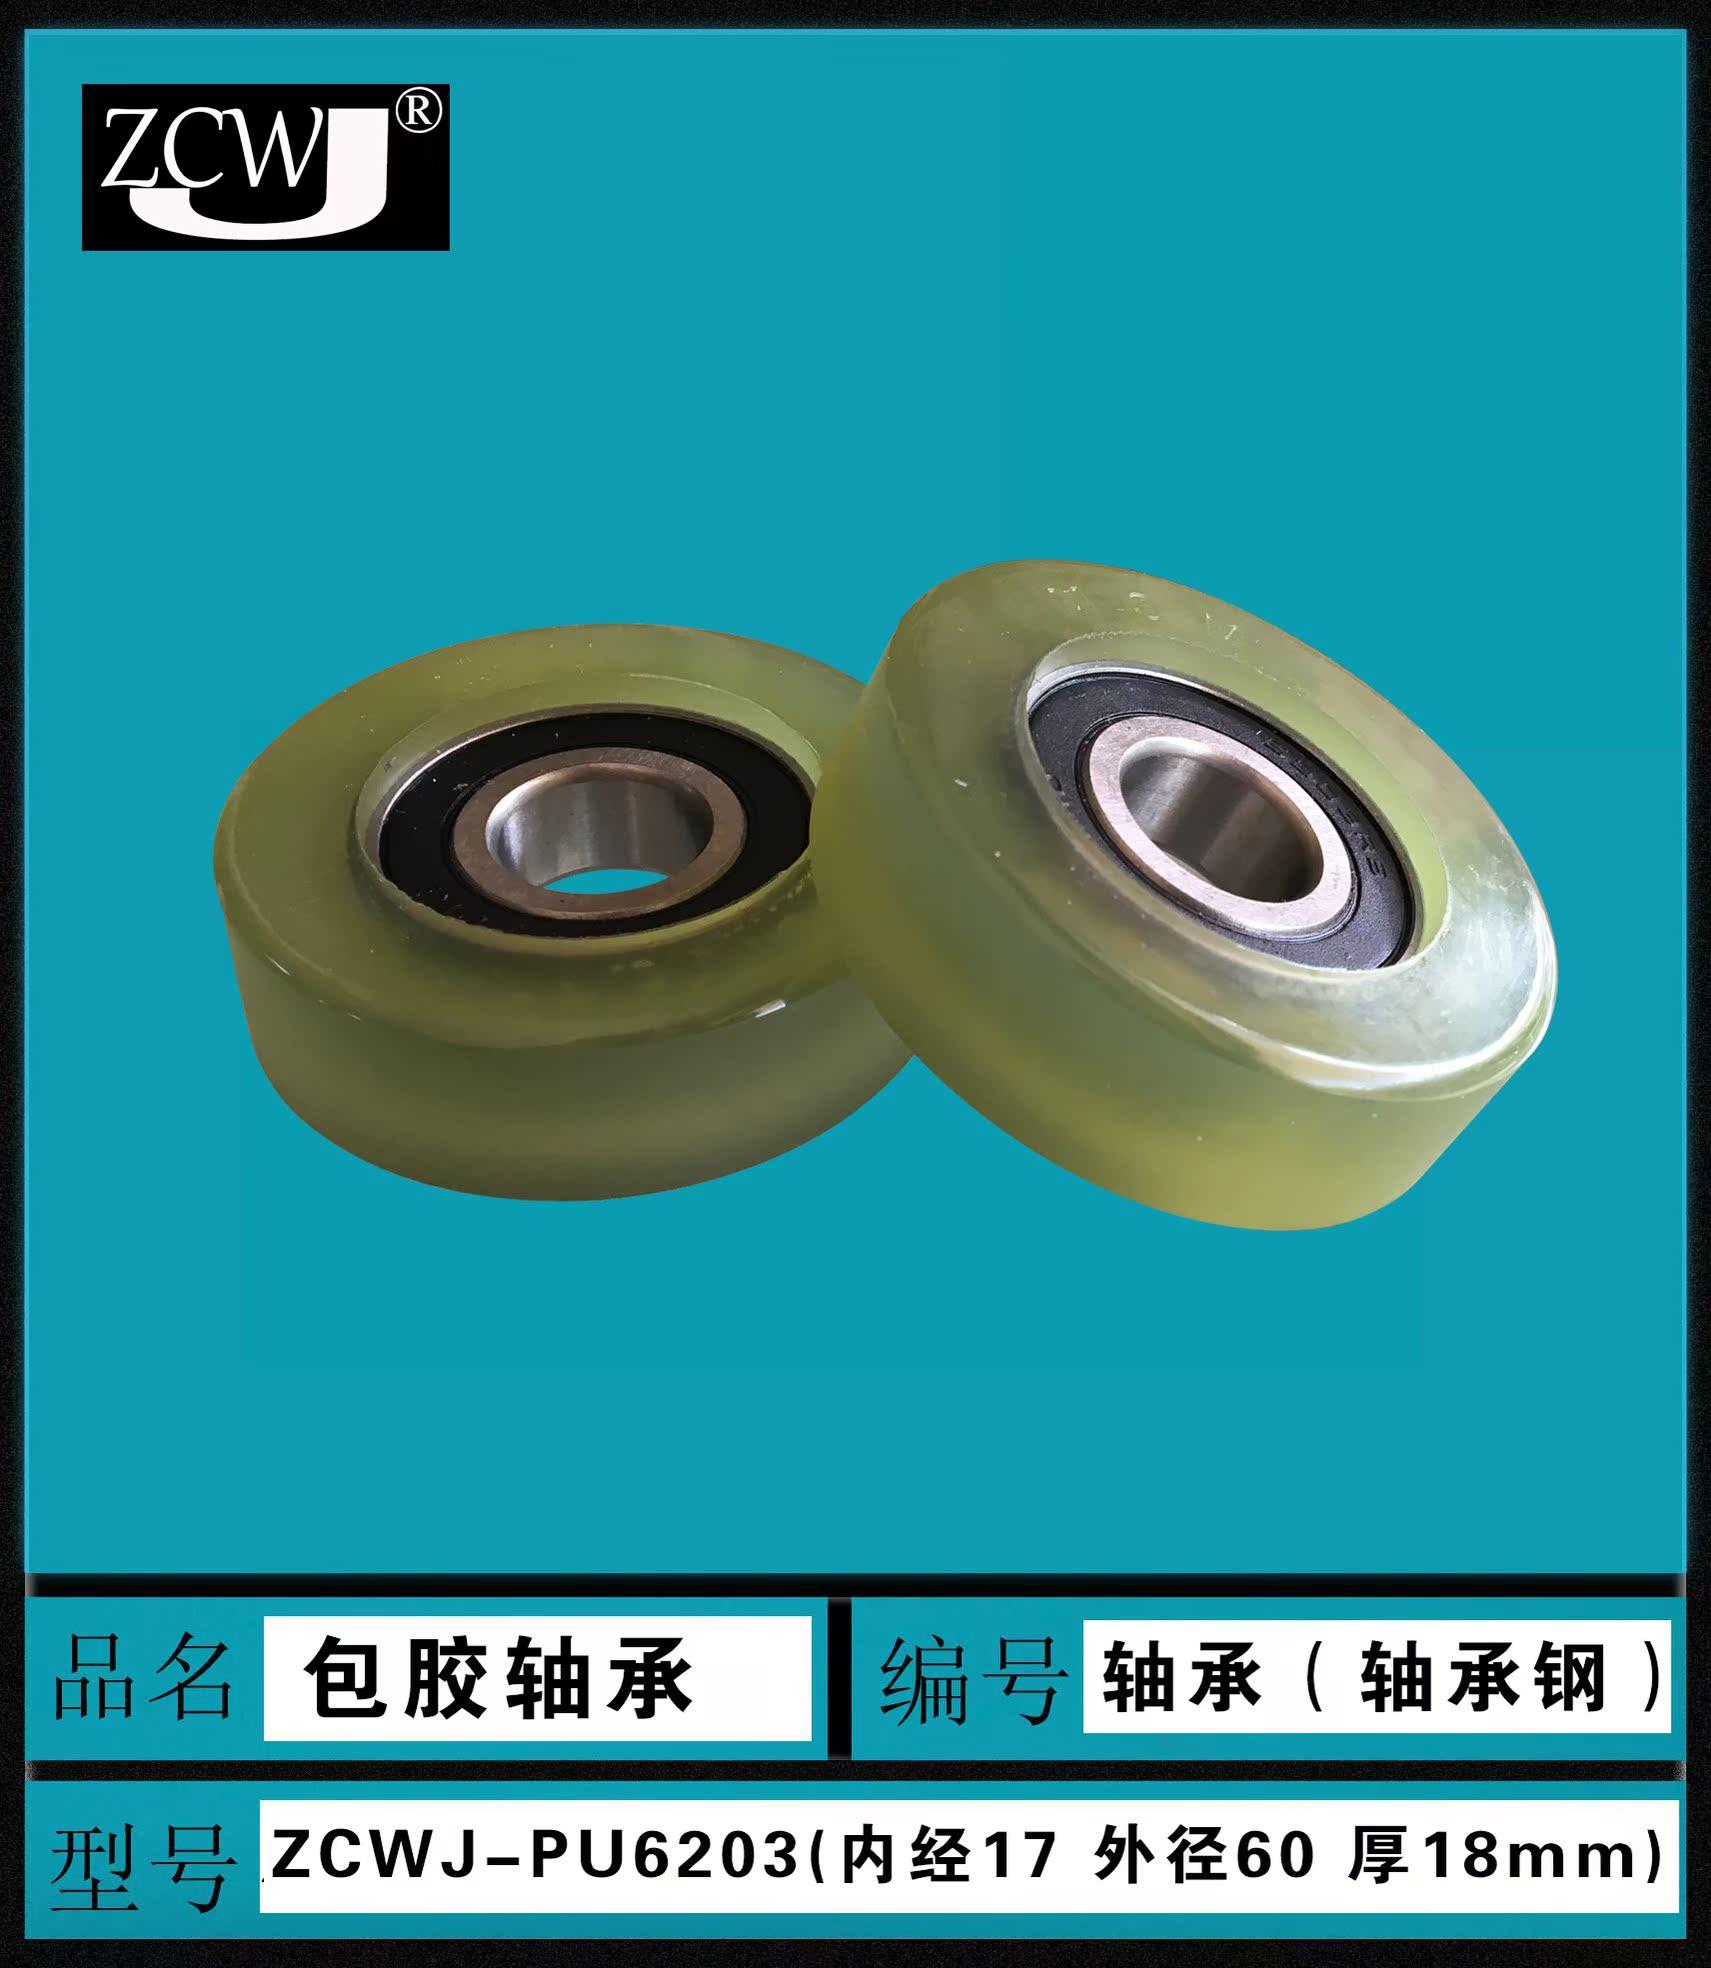 包胶轴承6203聚氨酯轴承高承载承重滚轮滑轮轴承加宽17*60*18mm